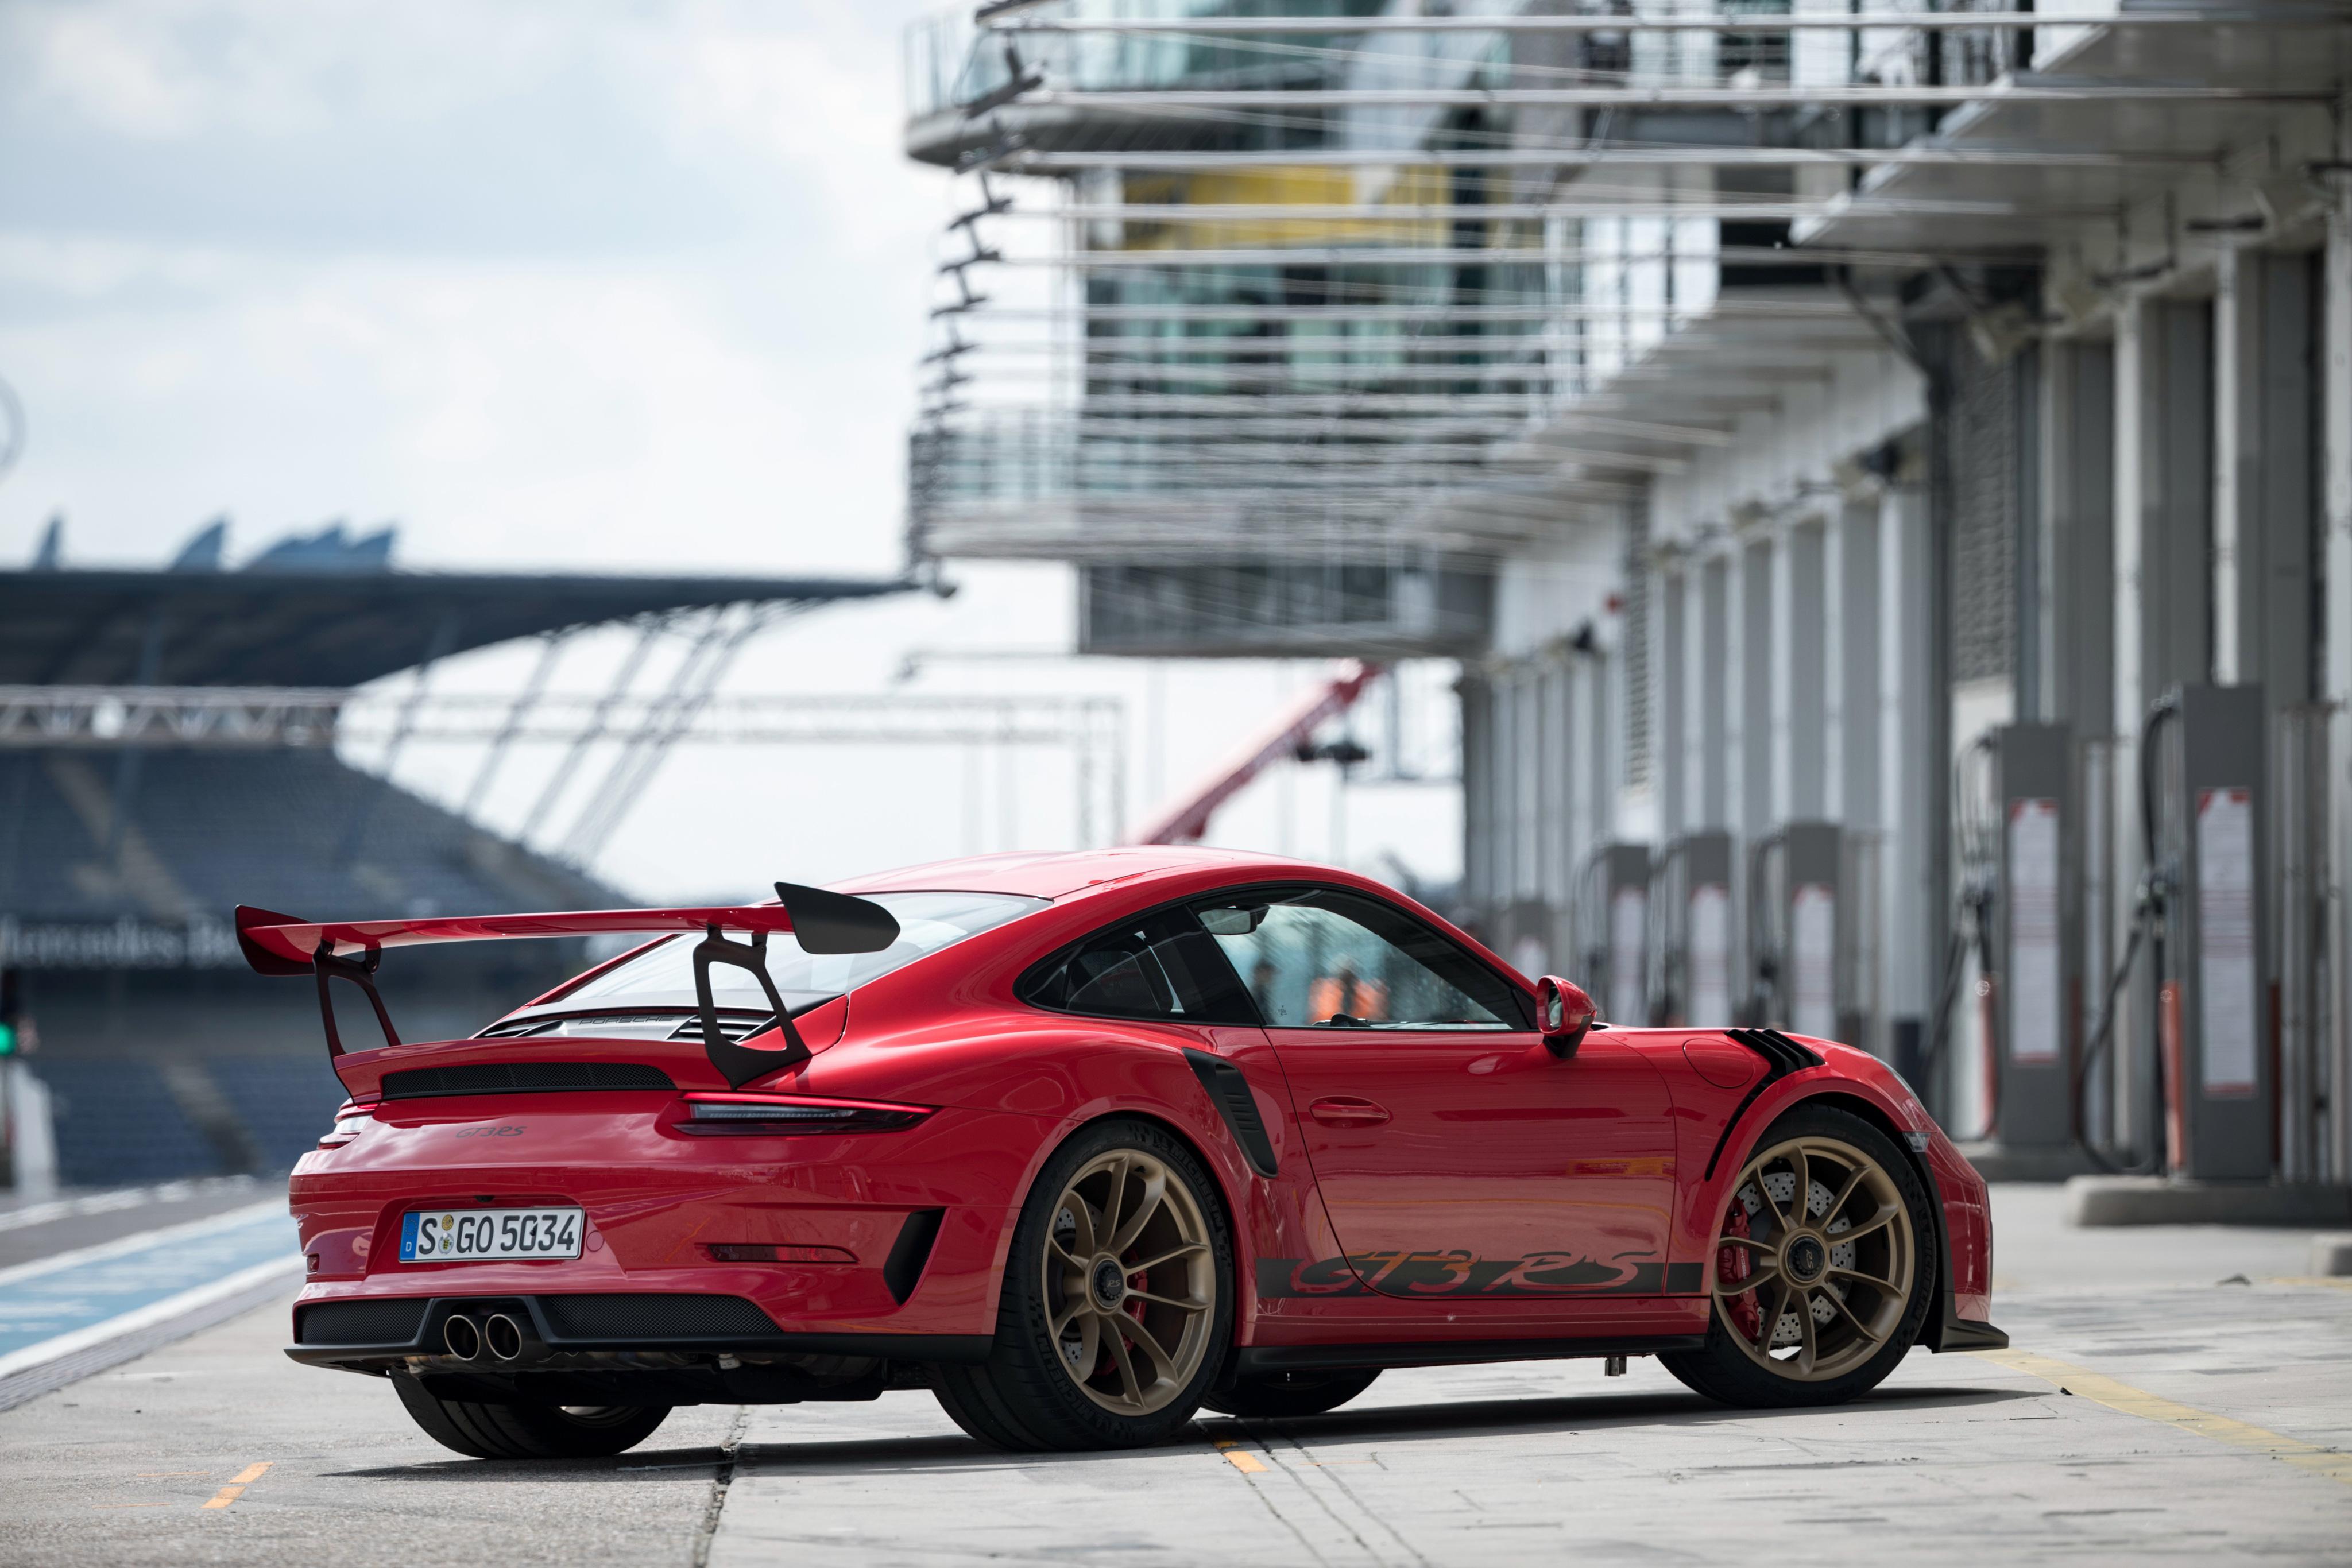 4k Porche Carrera Gt Wallpaper: Porsche 911 GT3 RS 4k, HD Cars, 4k Wallpapers, Images